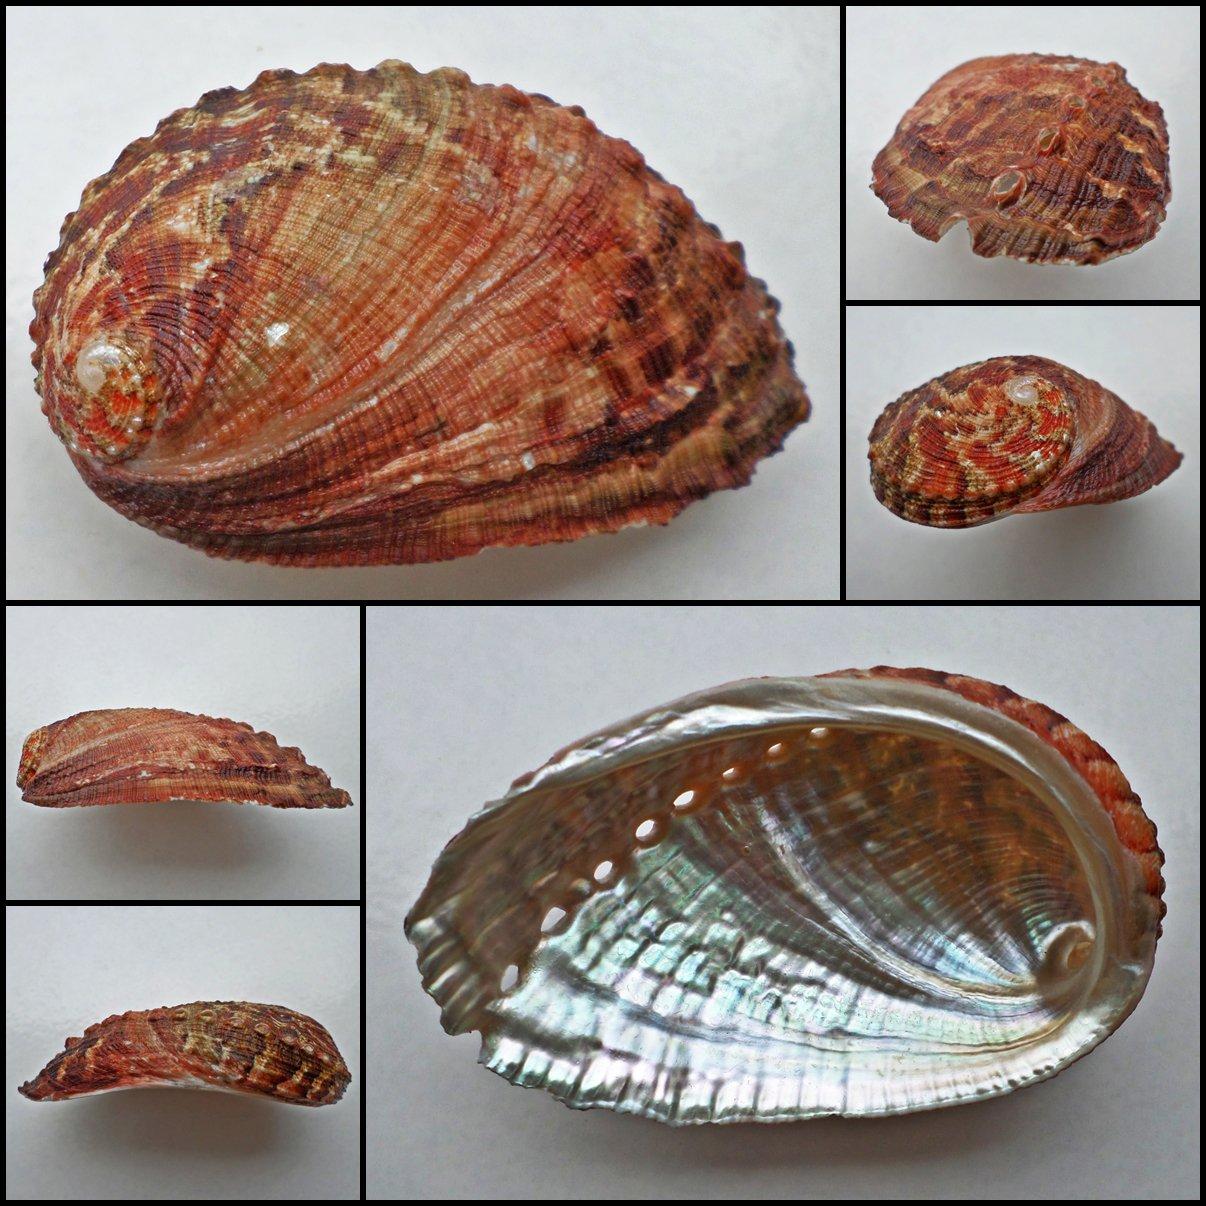 BCC15 - Haliotis diversicolor squamata 74.53mm